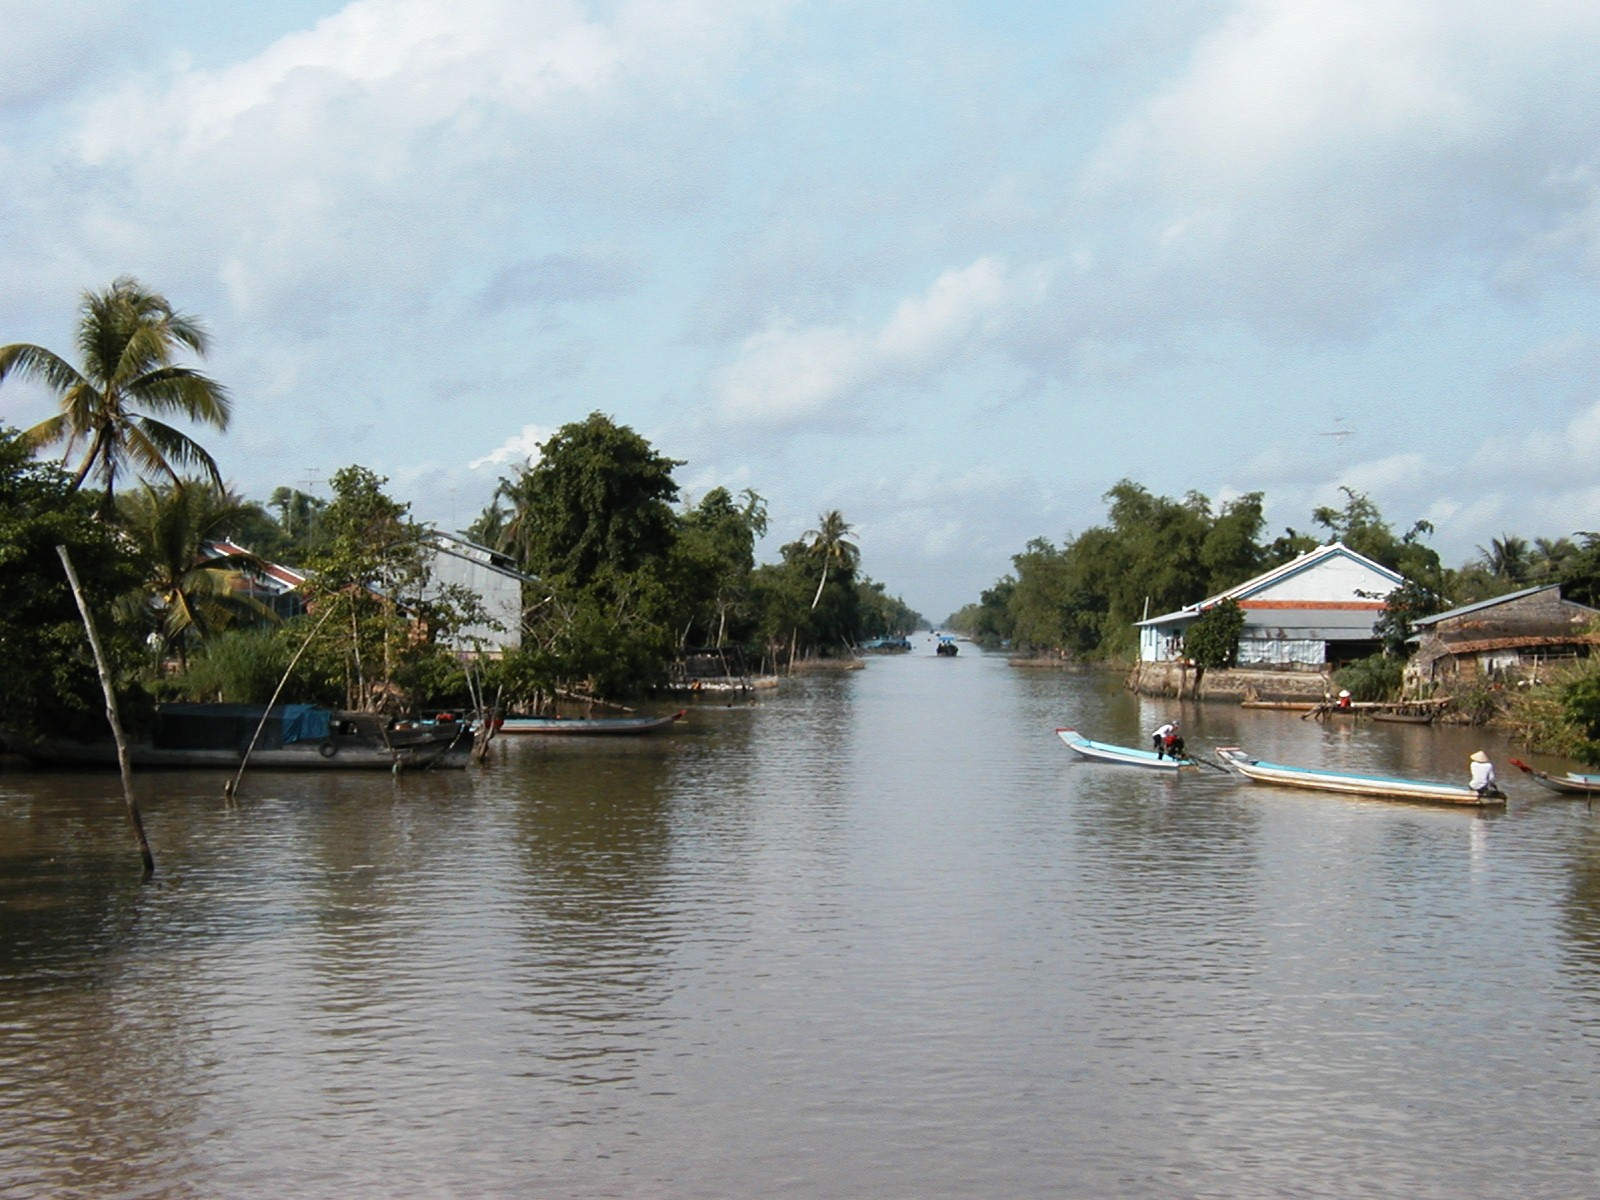 Kết quả hình ảnh cho Mekong tap